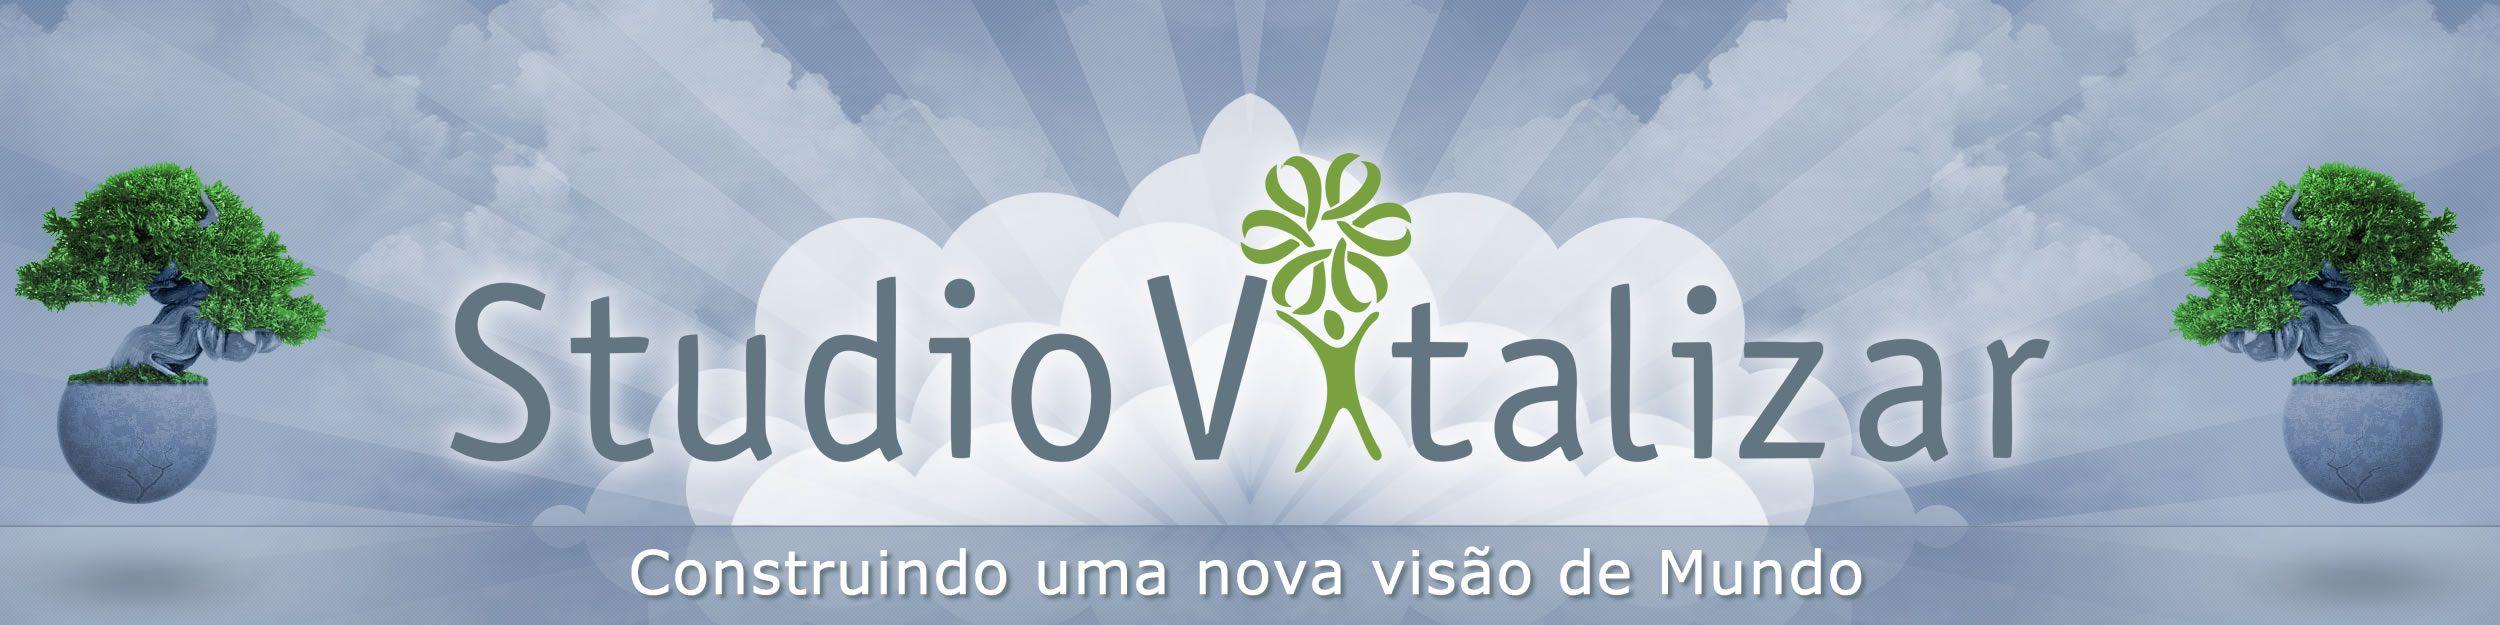 STUDIO VITALIZAR